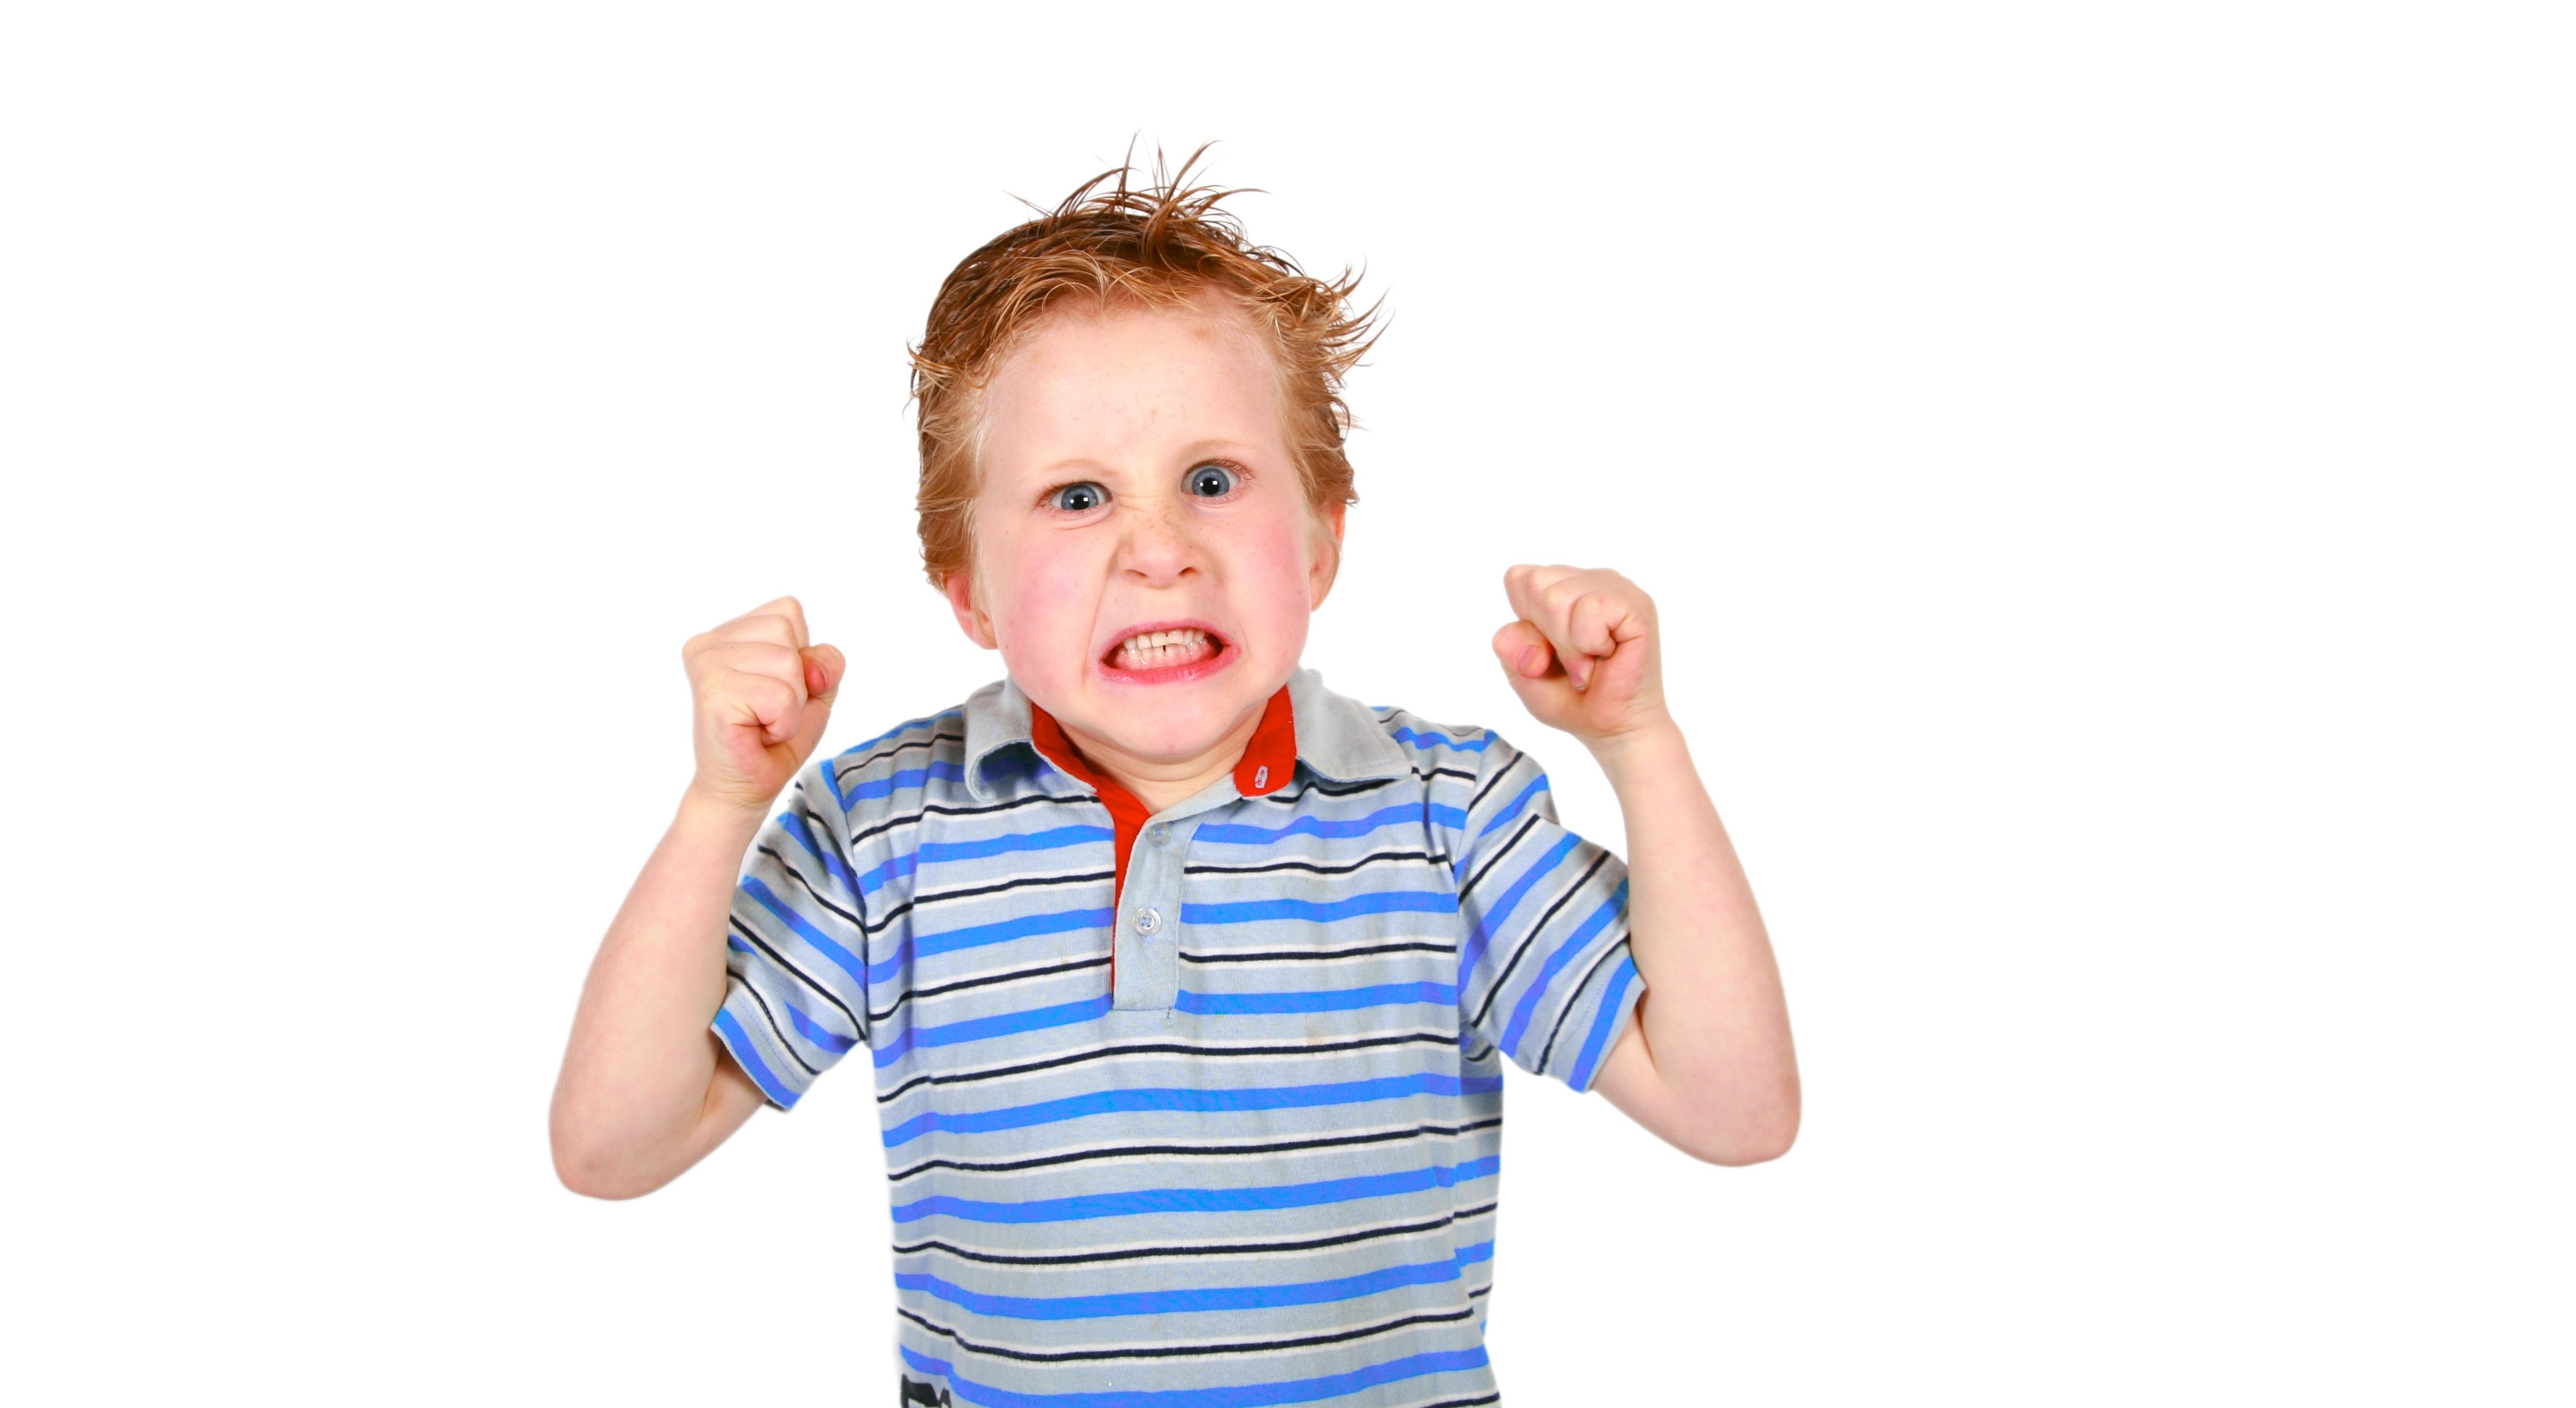 چگونه کنترل خشم را به کودکان آموزش دهیم؟